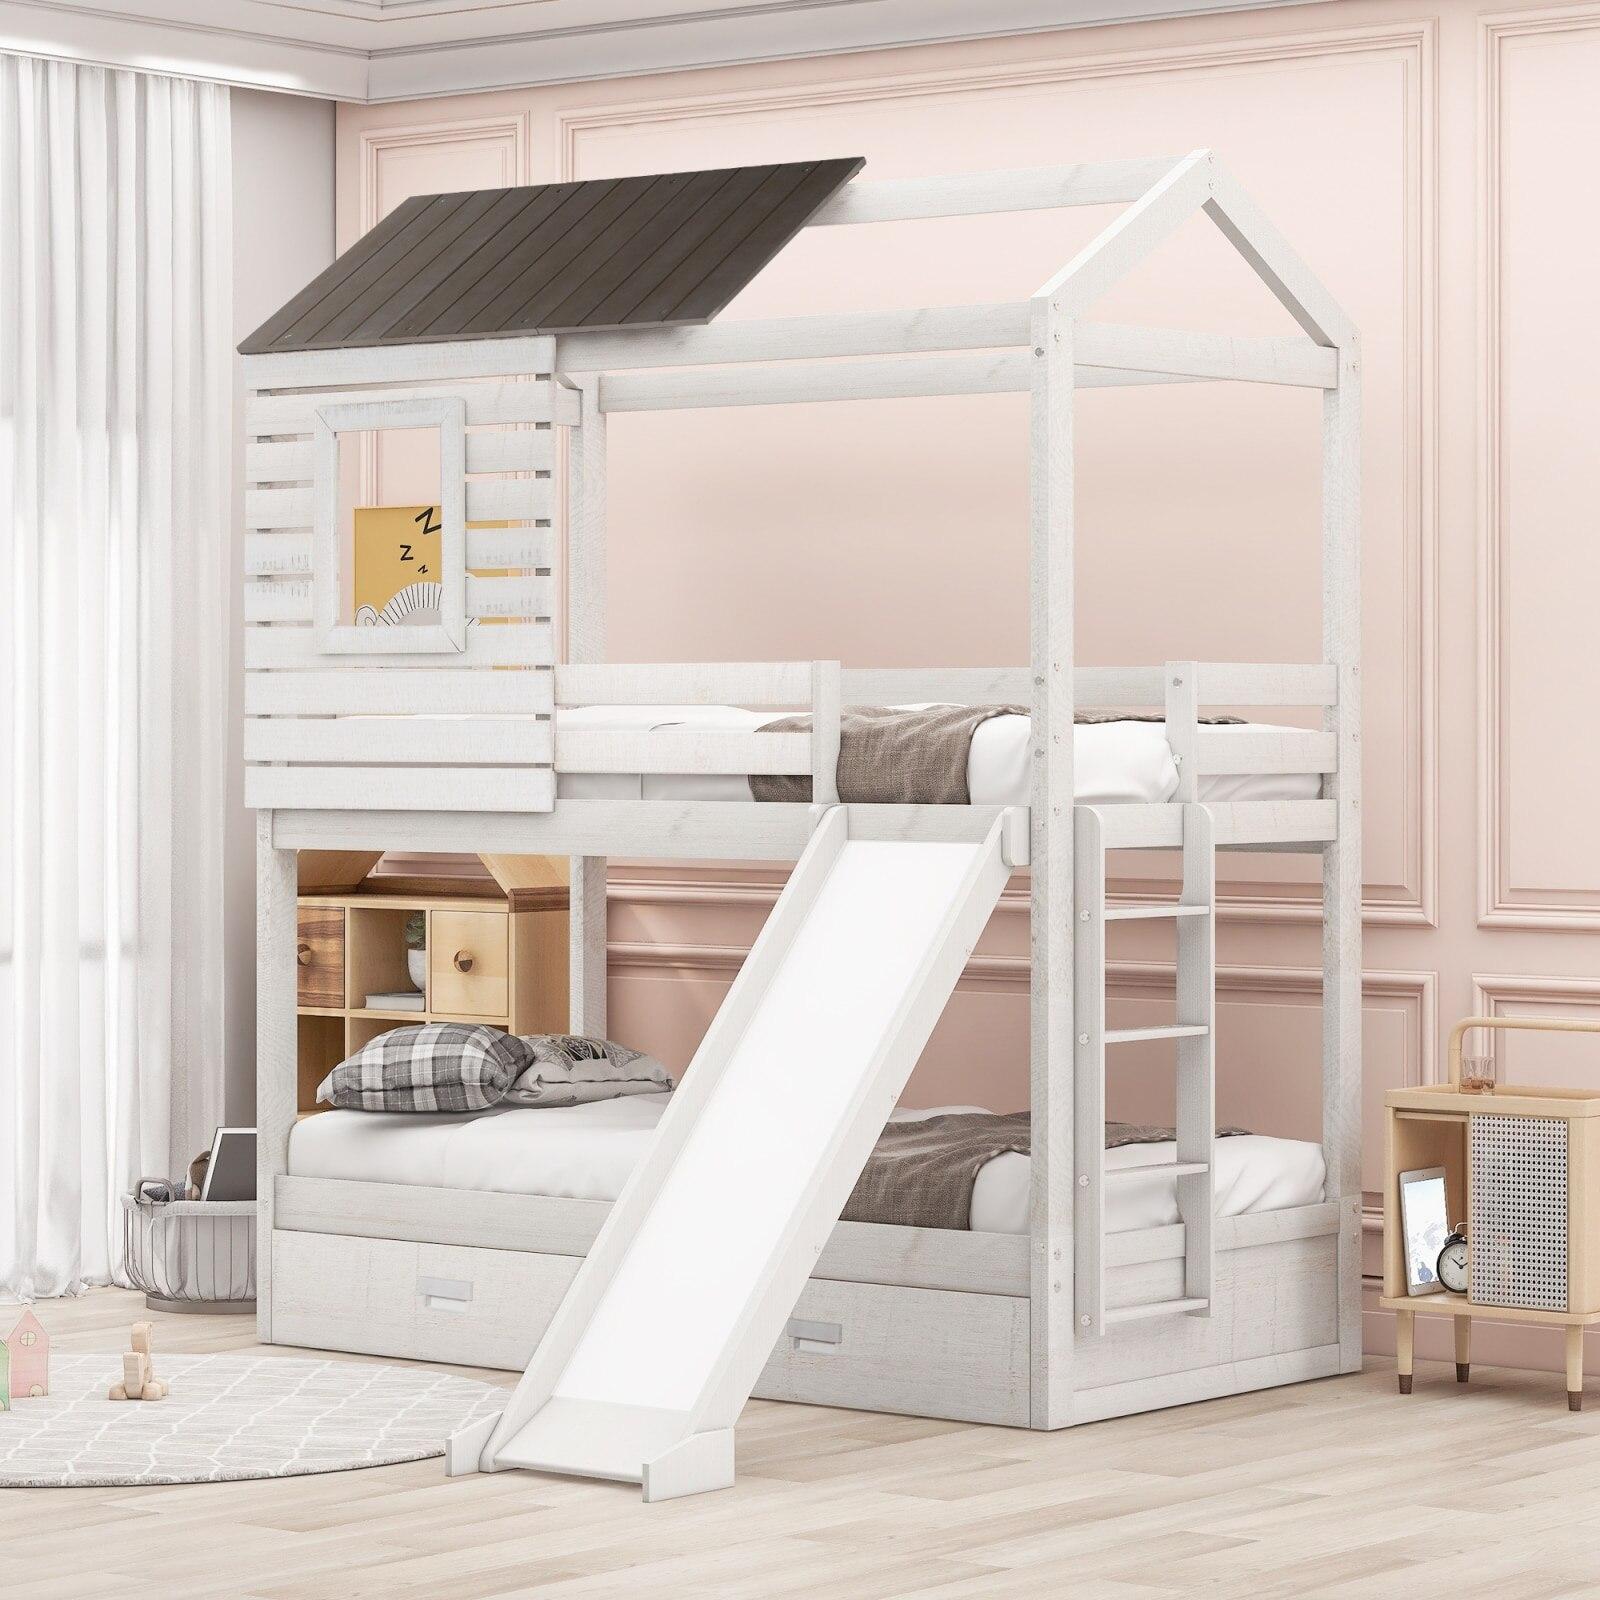 التوأم على سرير بطابقين التوأم مع اثنين من أدراج التخزين والشرائح على شكل منزل سرير خشبي بدورين سرير بطابقين للأطفال المراهقين